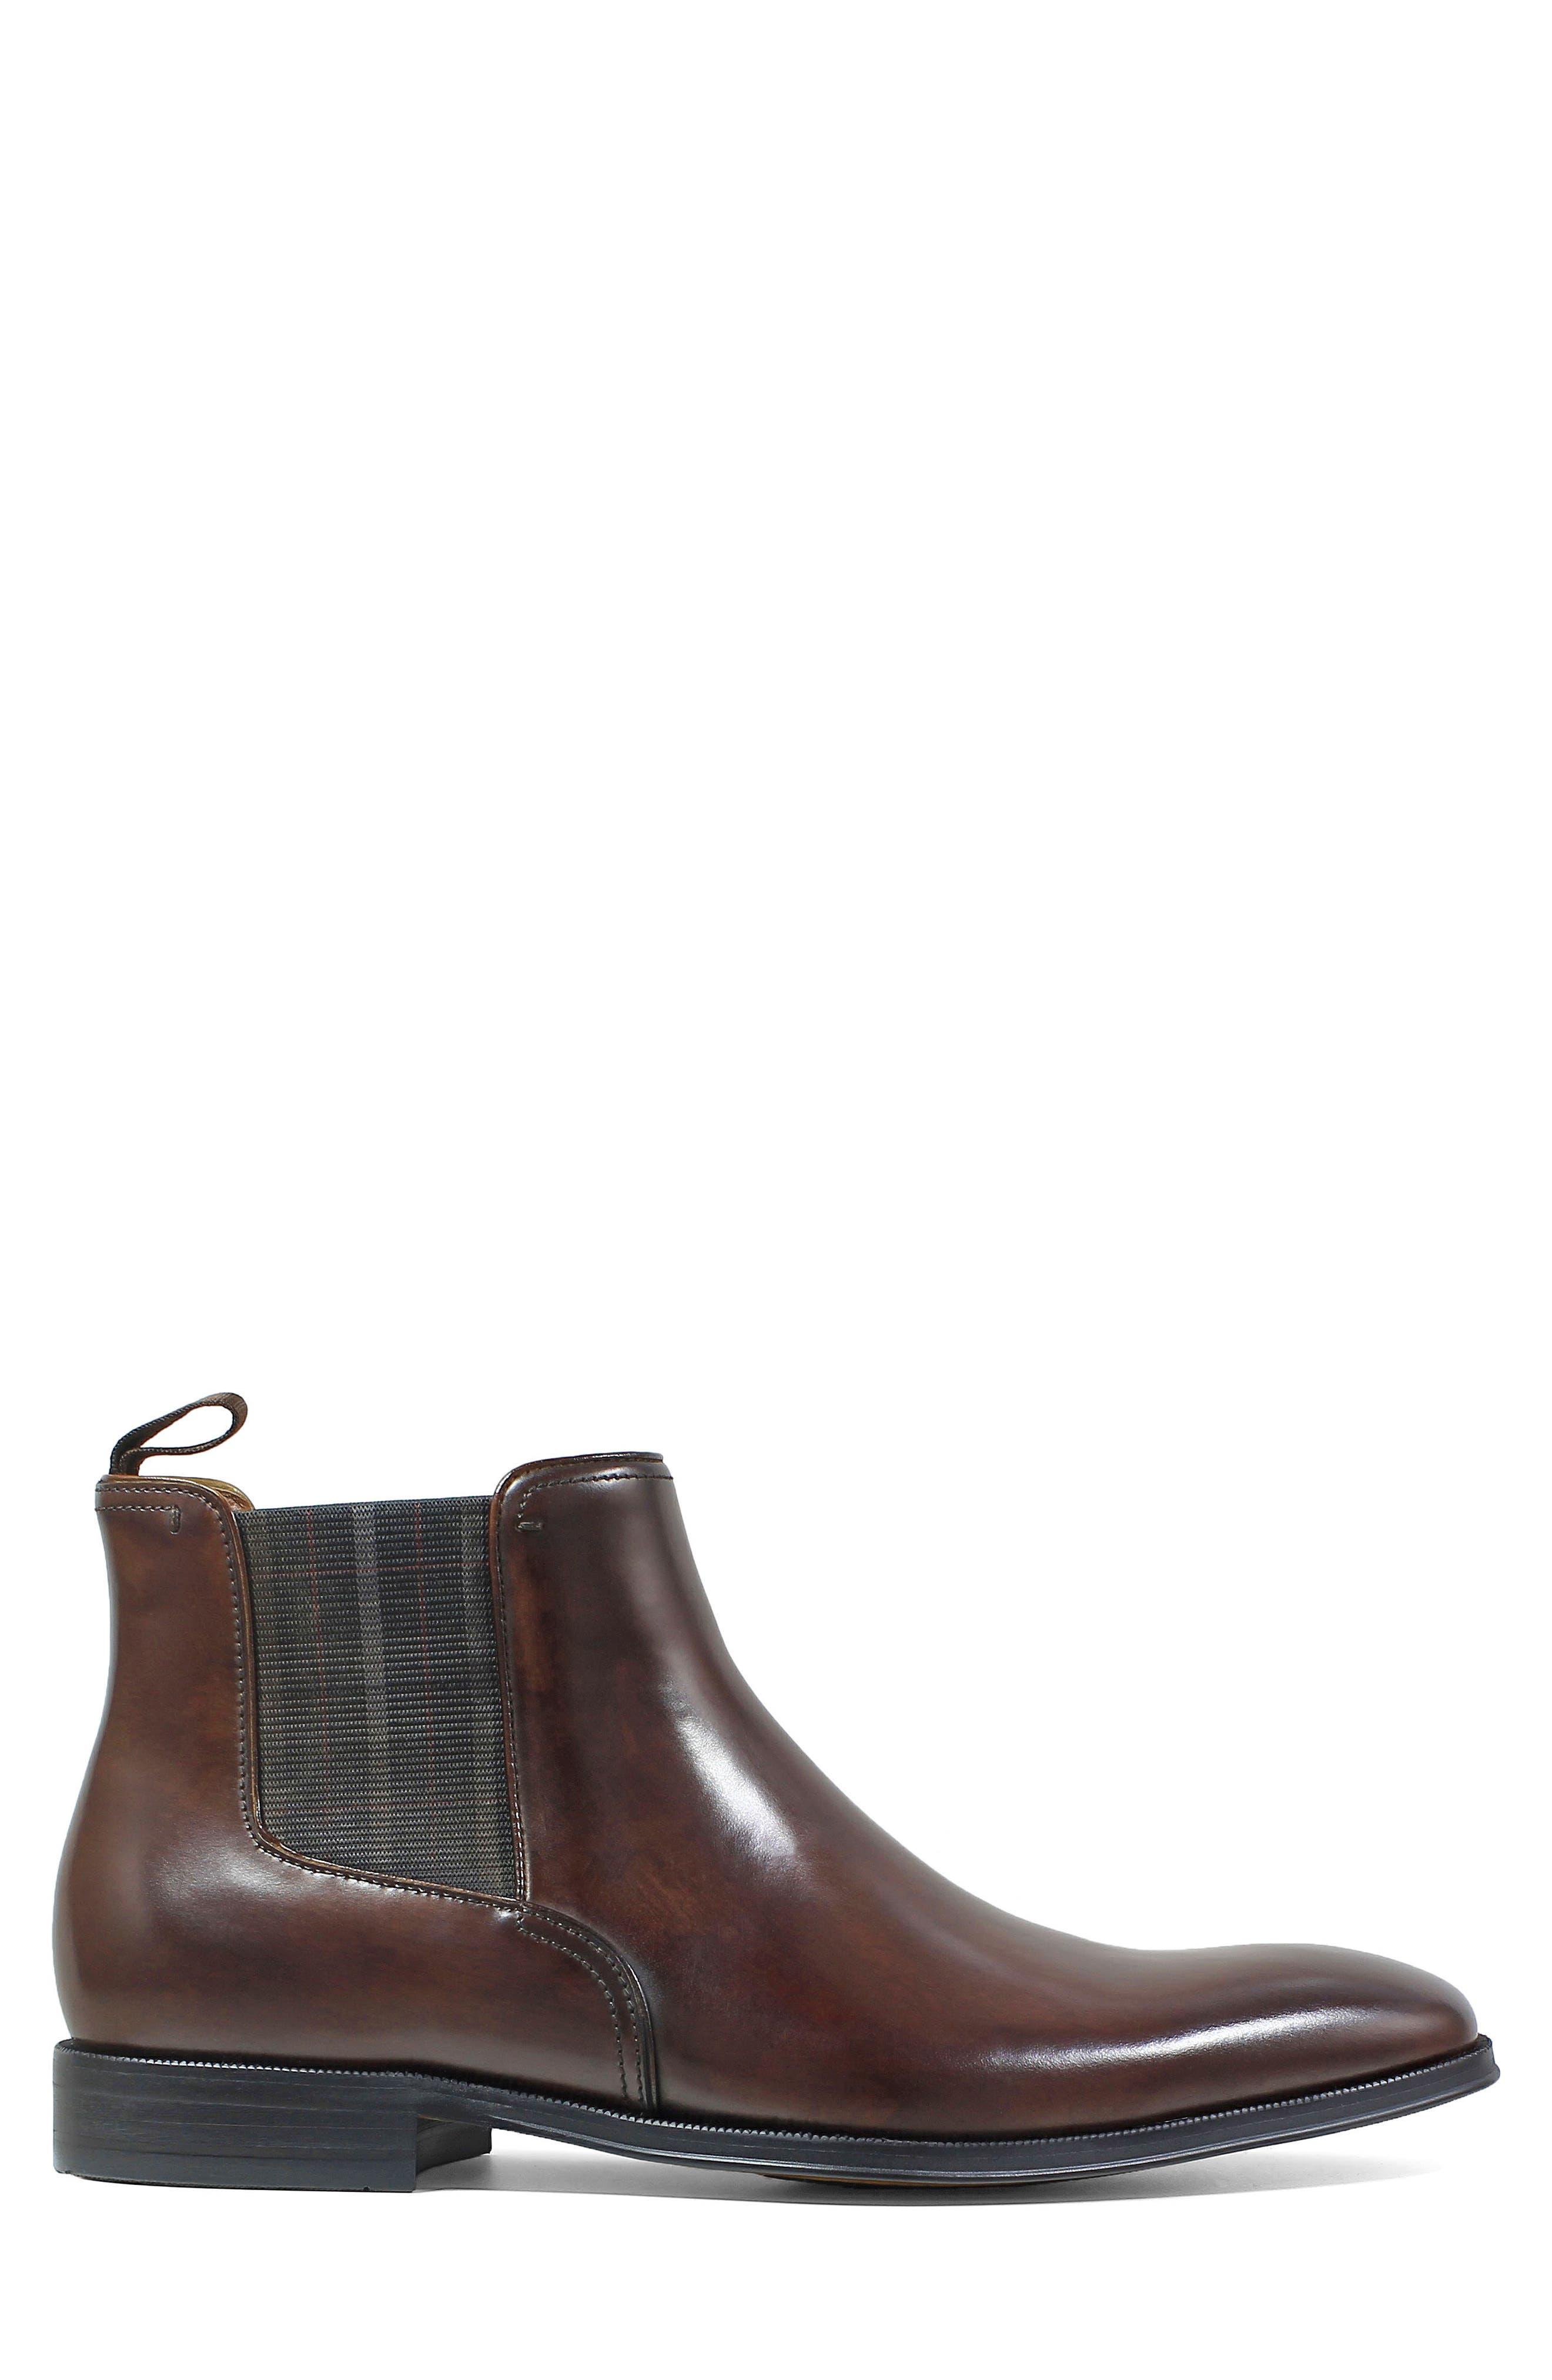 Alternate Image 3  - Florsheim Belfast Chelsea Boot (Men)